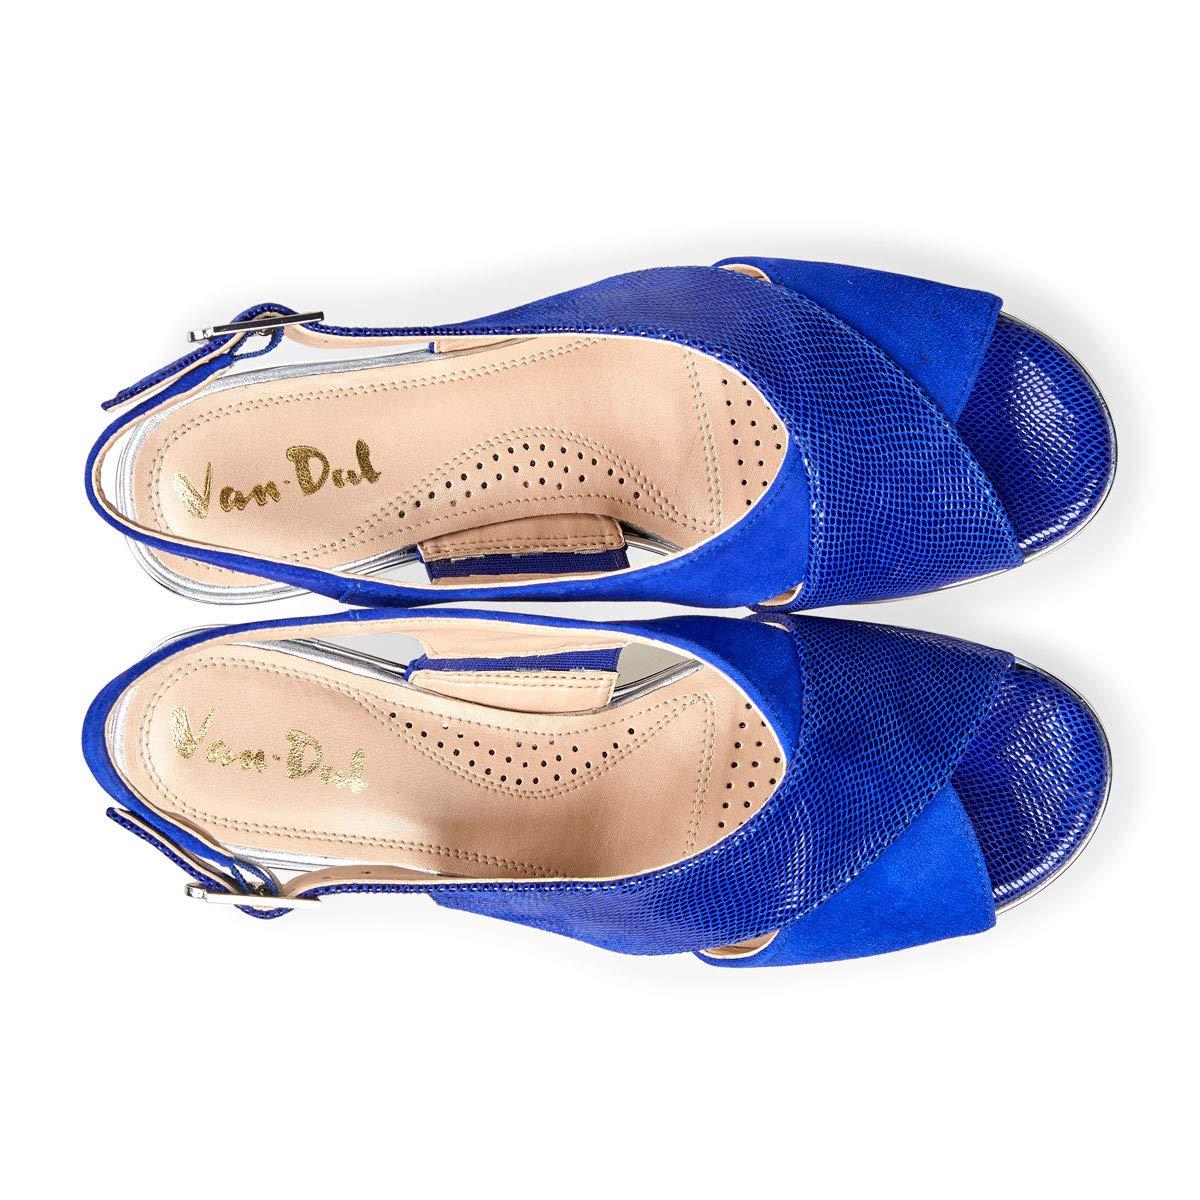 876c7a8c43 Van Dal Women s Madras Platform Sandals  Amazon.co.uk  Shoes   Bags